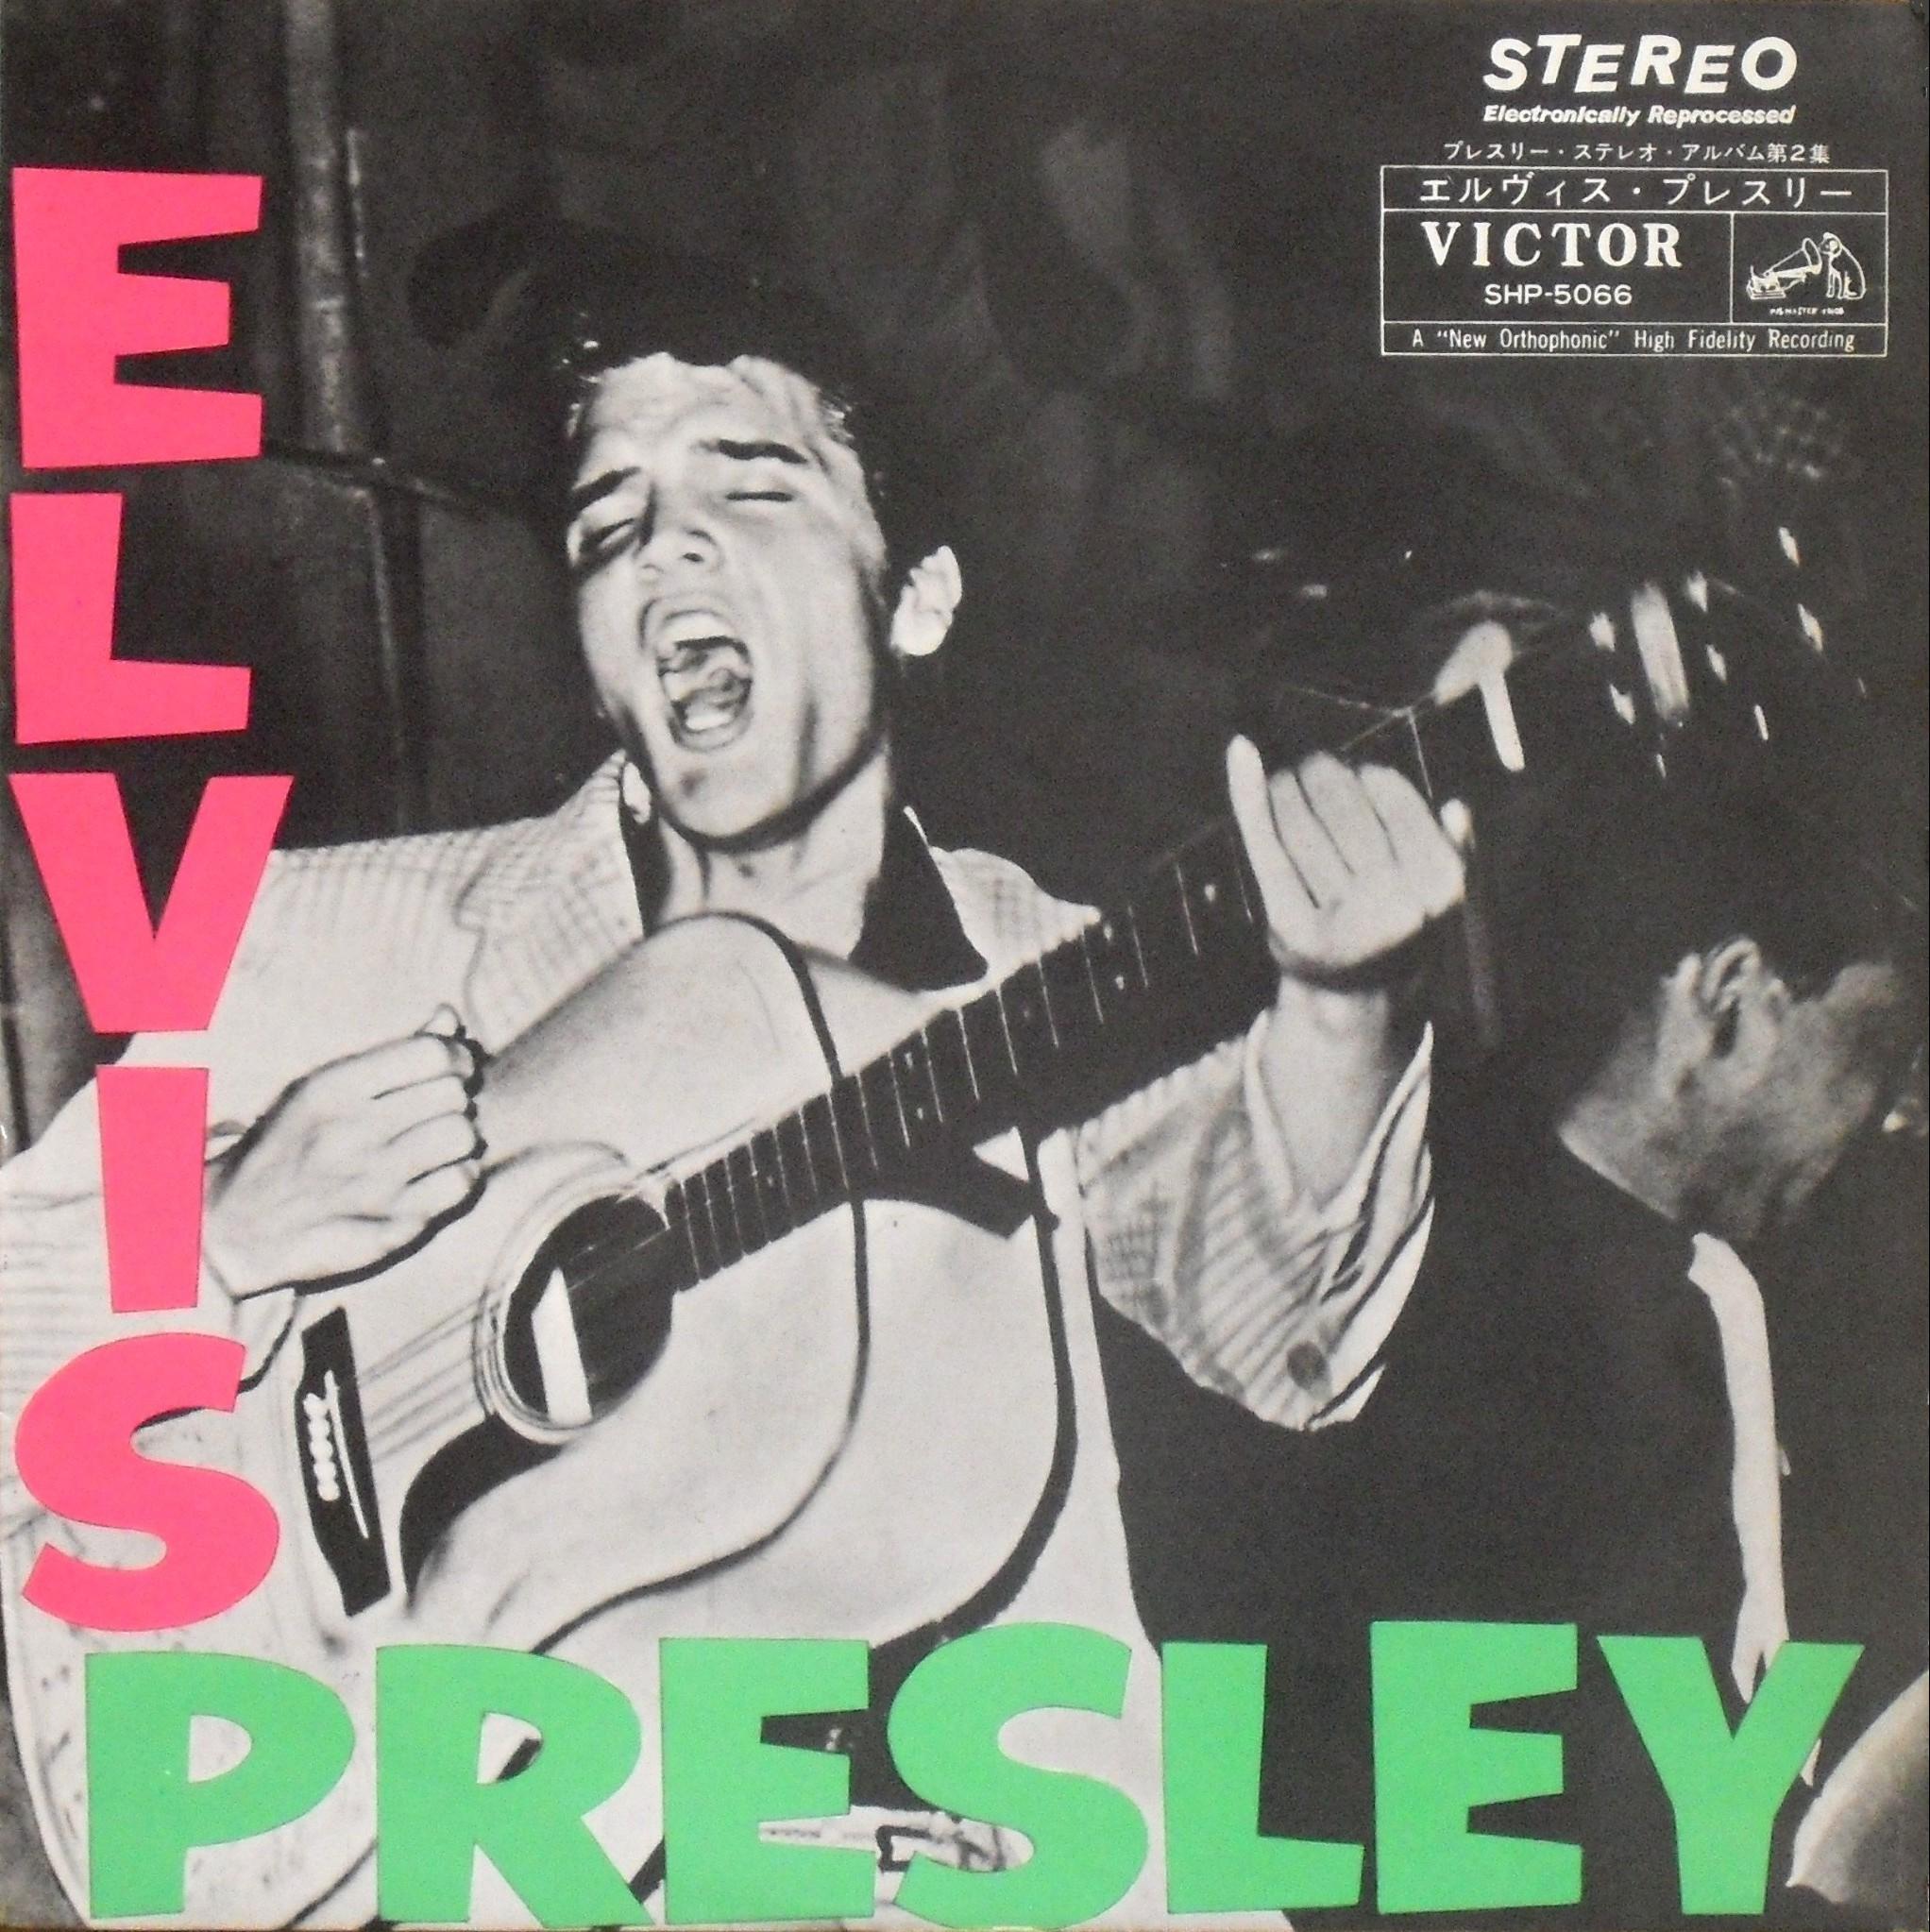 ELVIS PRESLEY 01pau3t